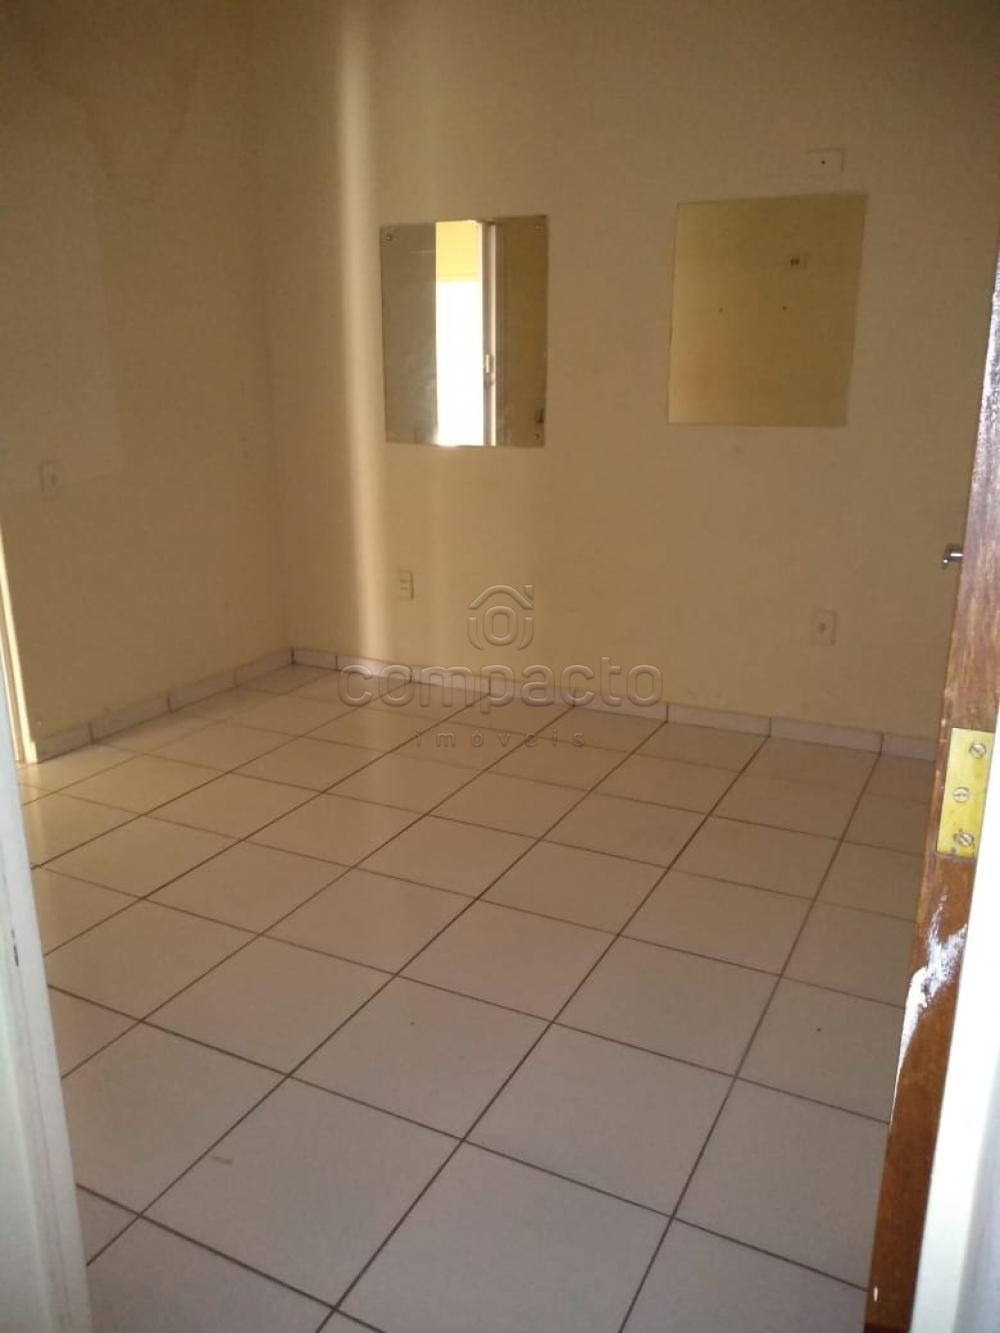 Alugar Casa / Padrão em São José do Rio Preto apenas R$ 1.600,00 - Foto 9